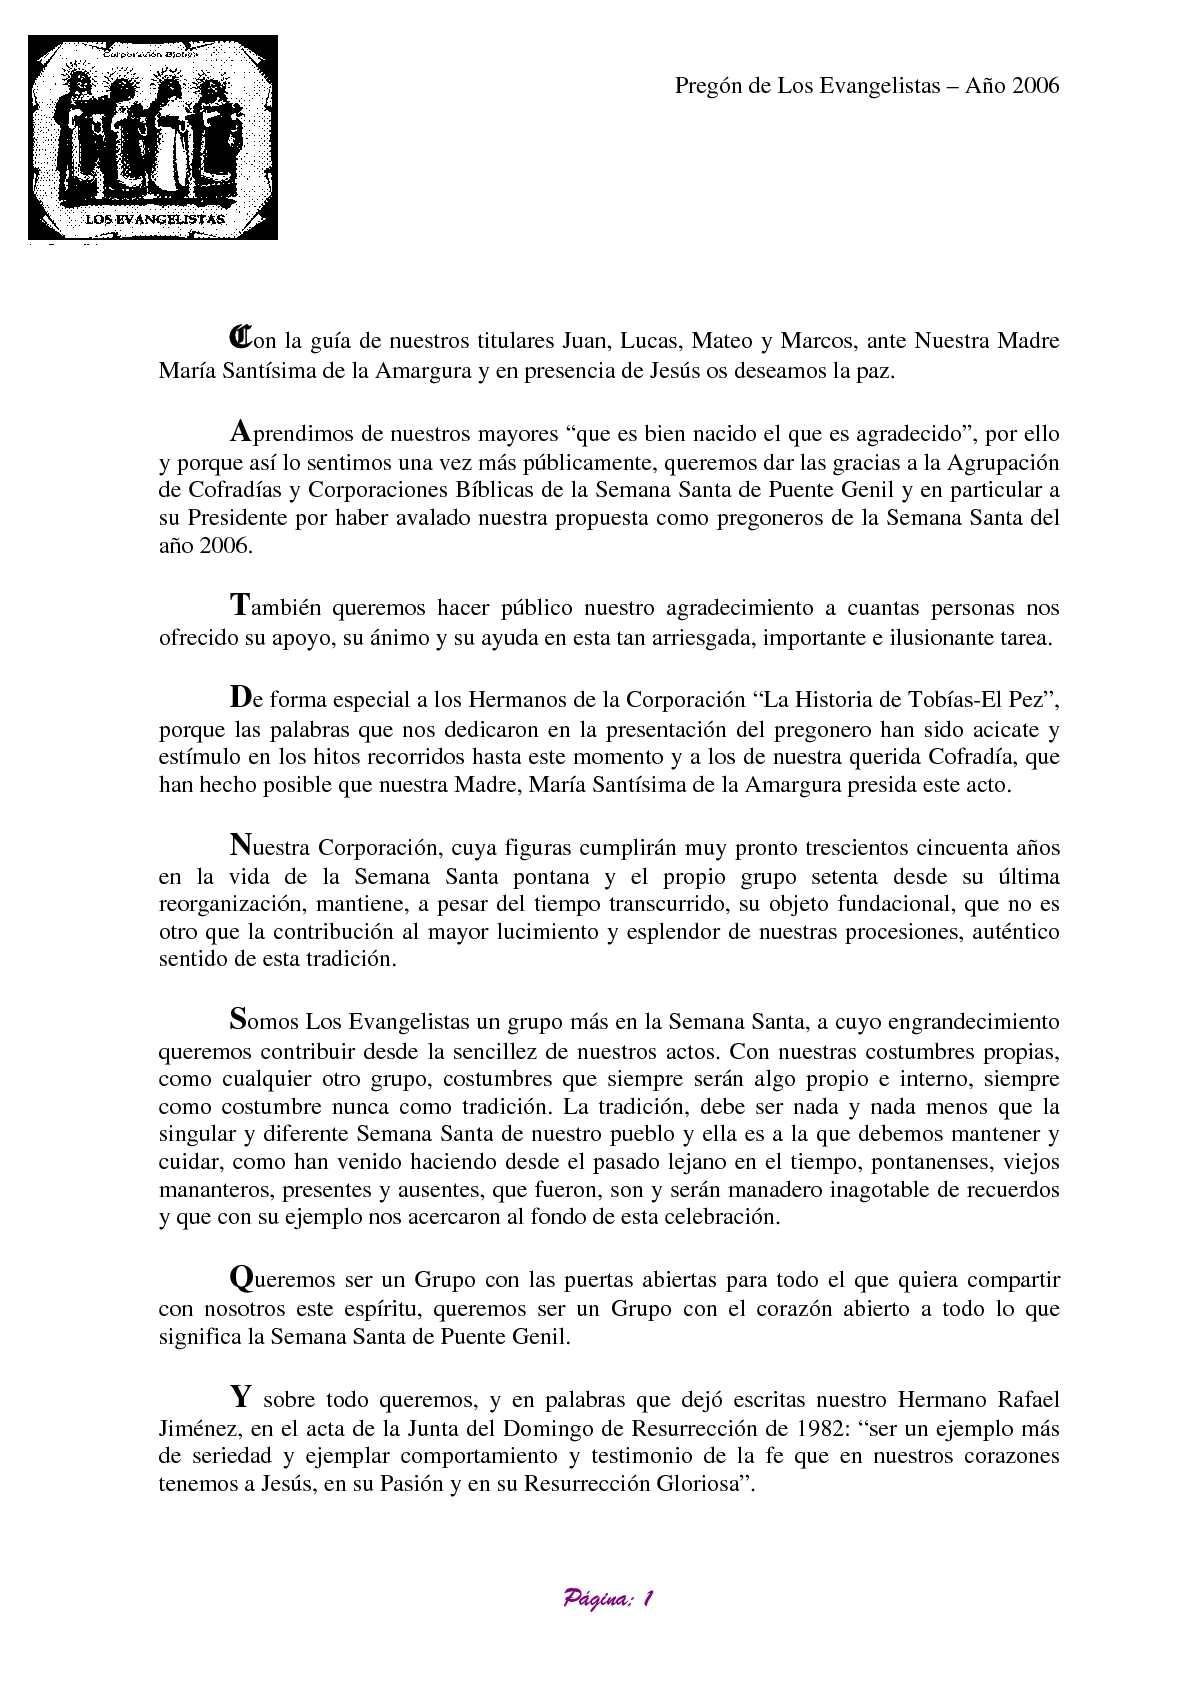 Calaméo - PREGON 2006 SEMANA SANTA PUENTE GENIL